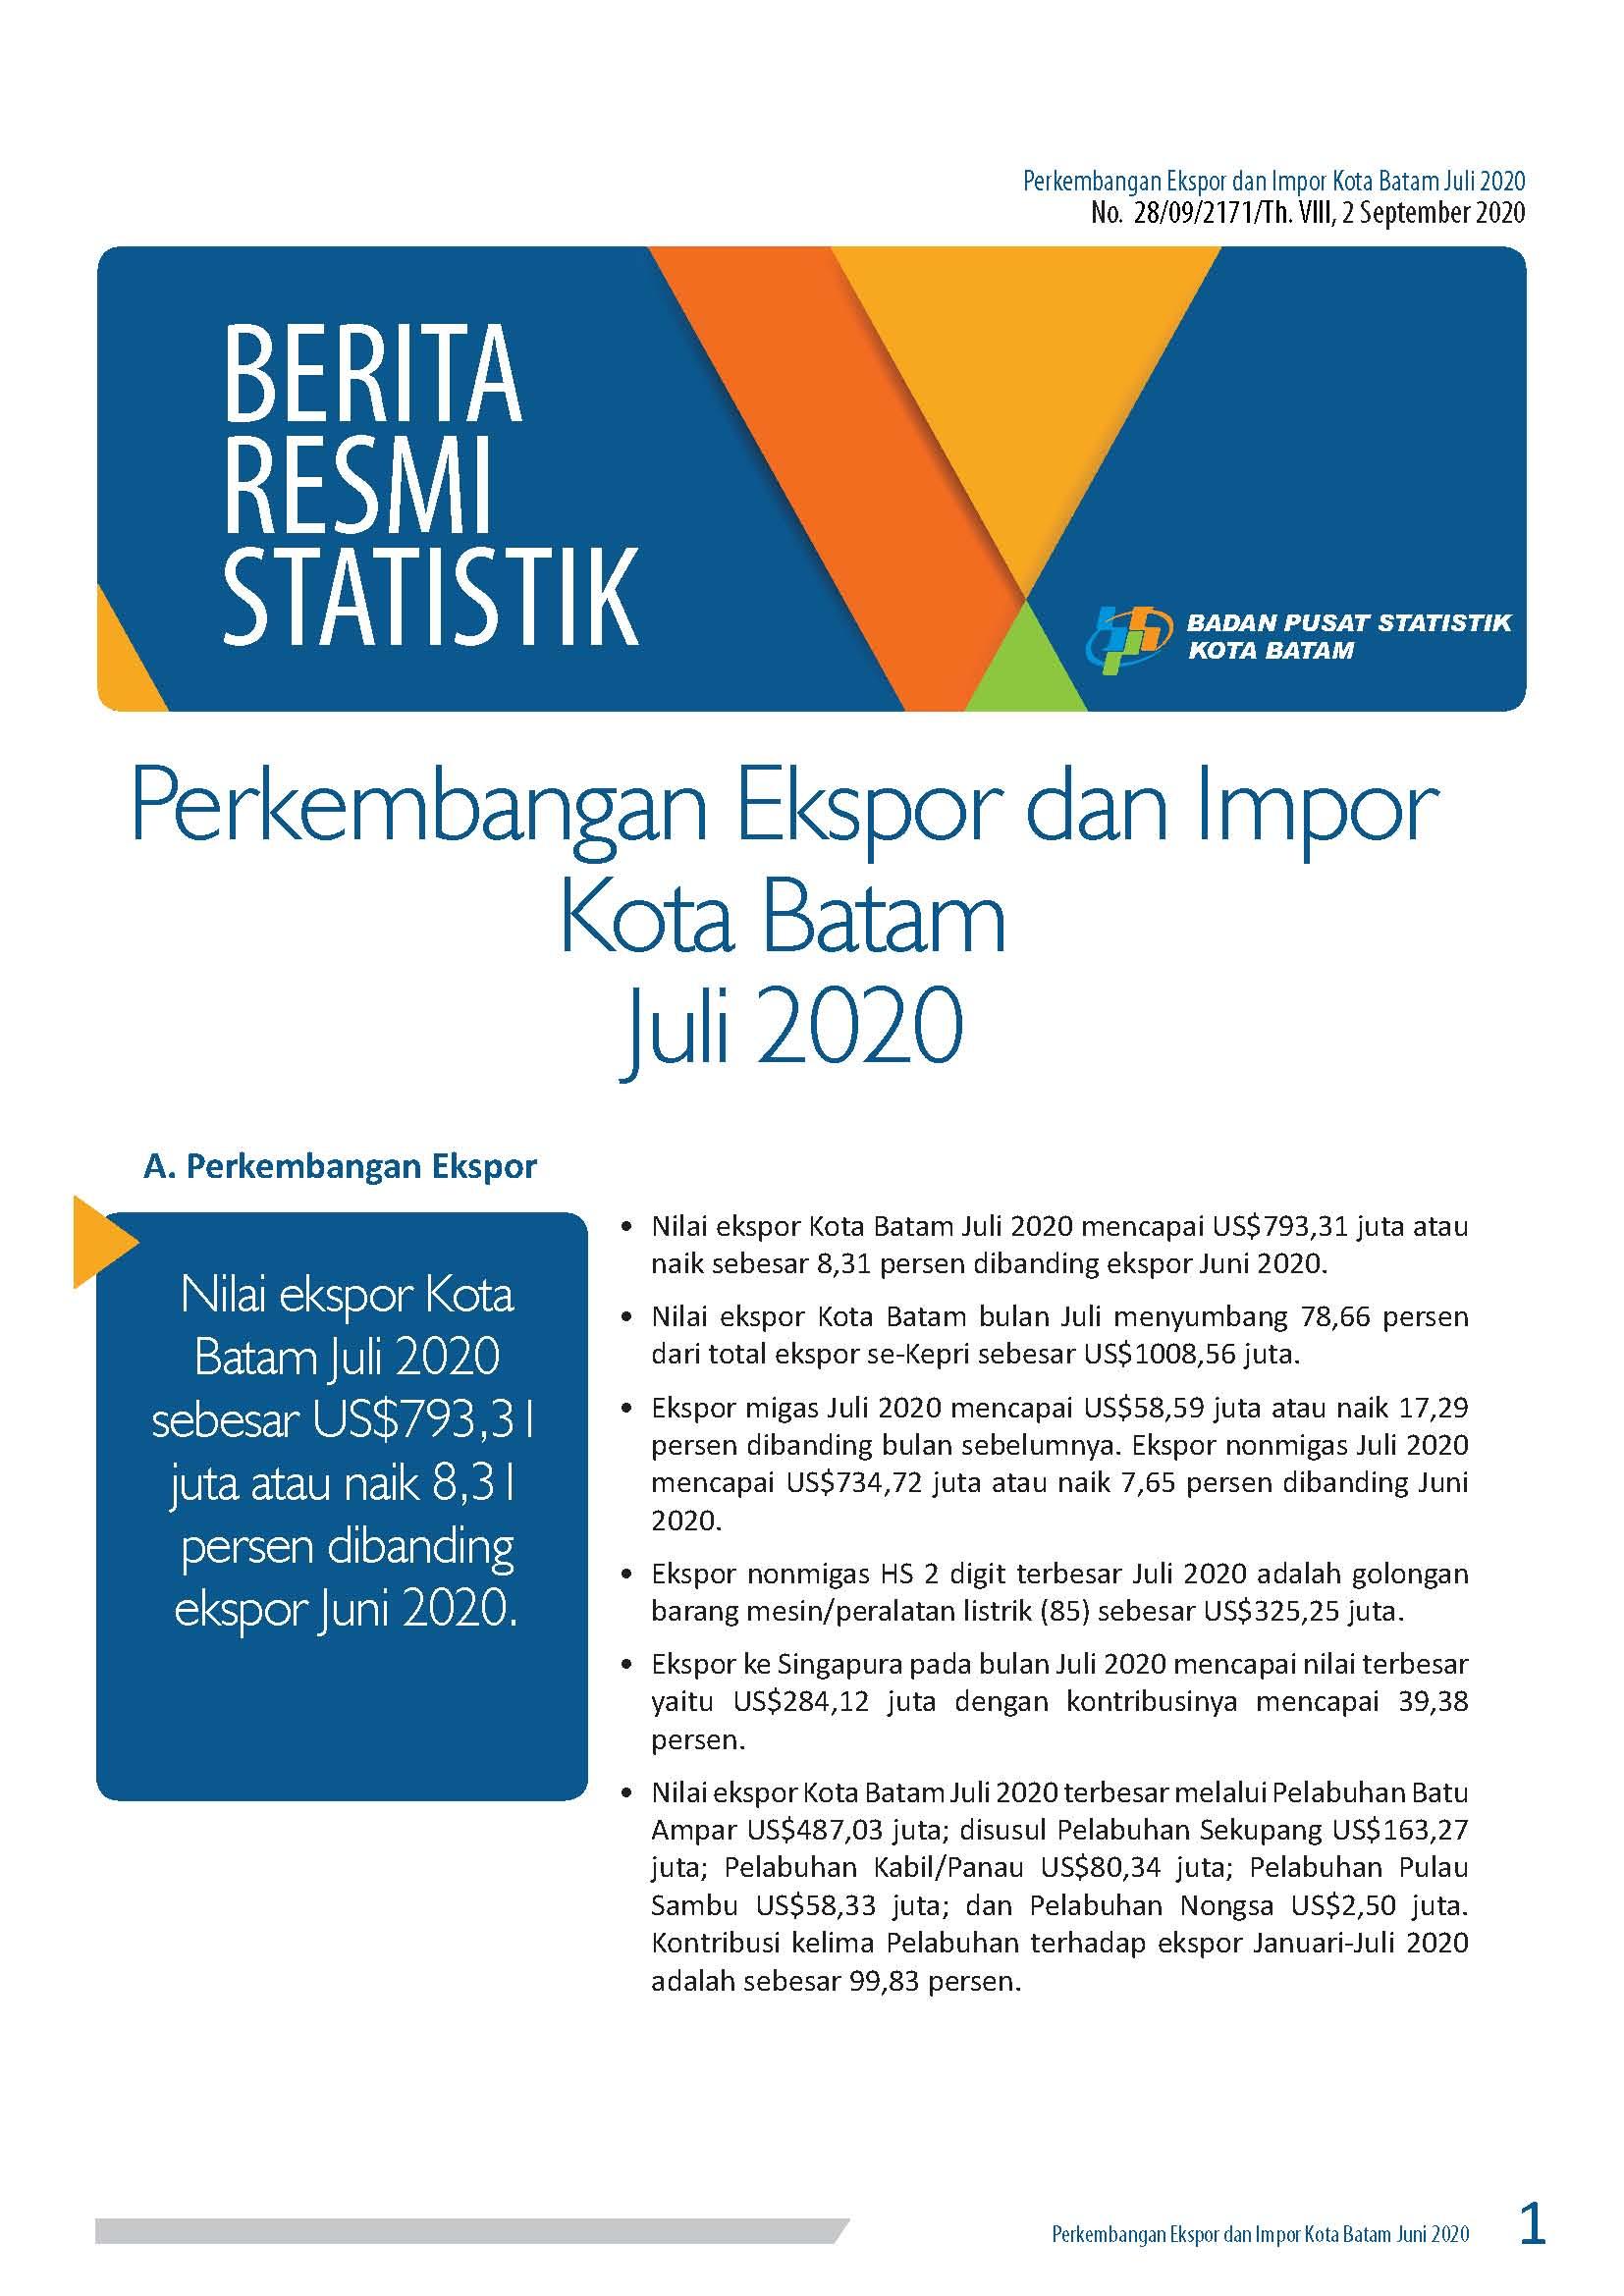 Perkembangan Ekspor dan Impor Kota Batam Juli 2020